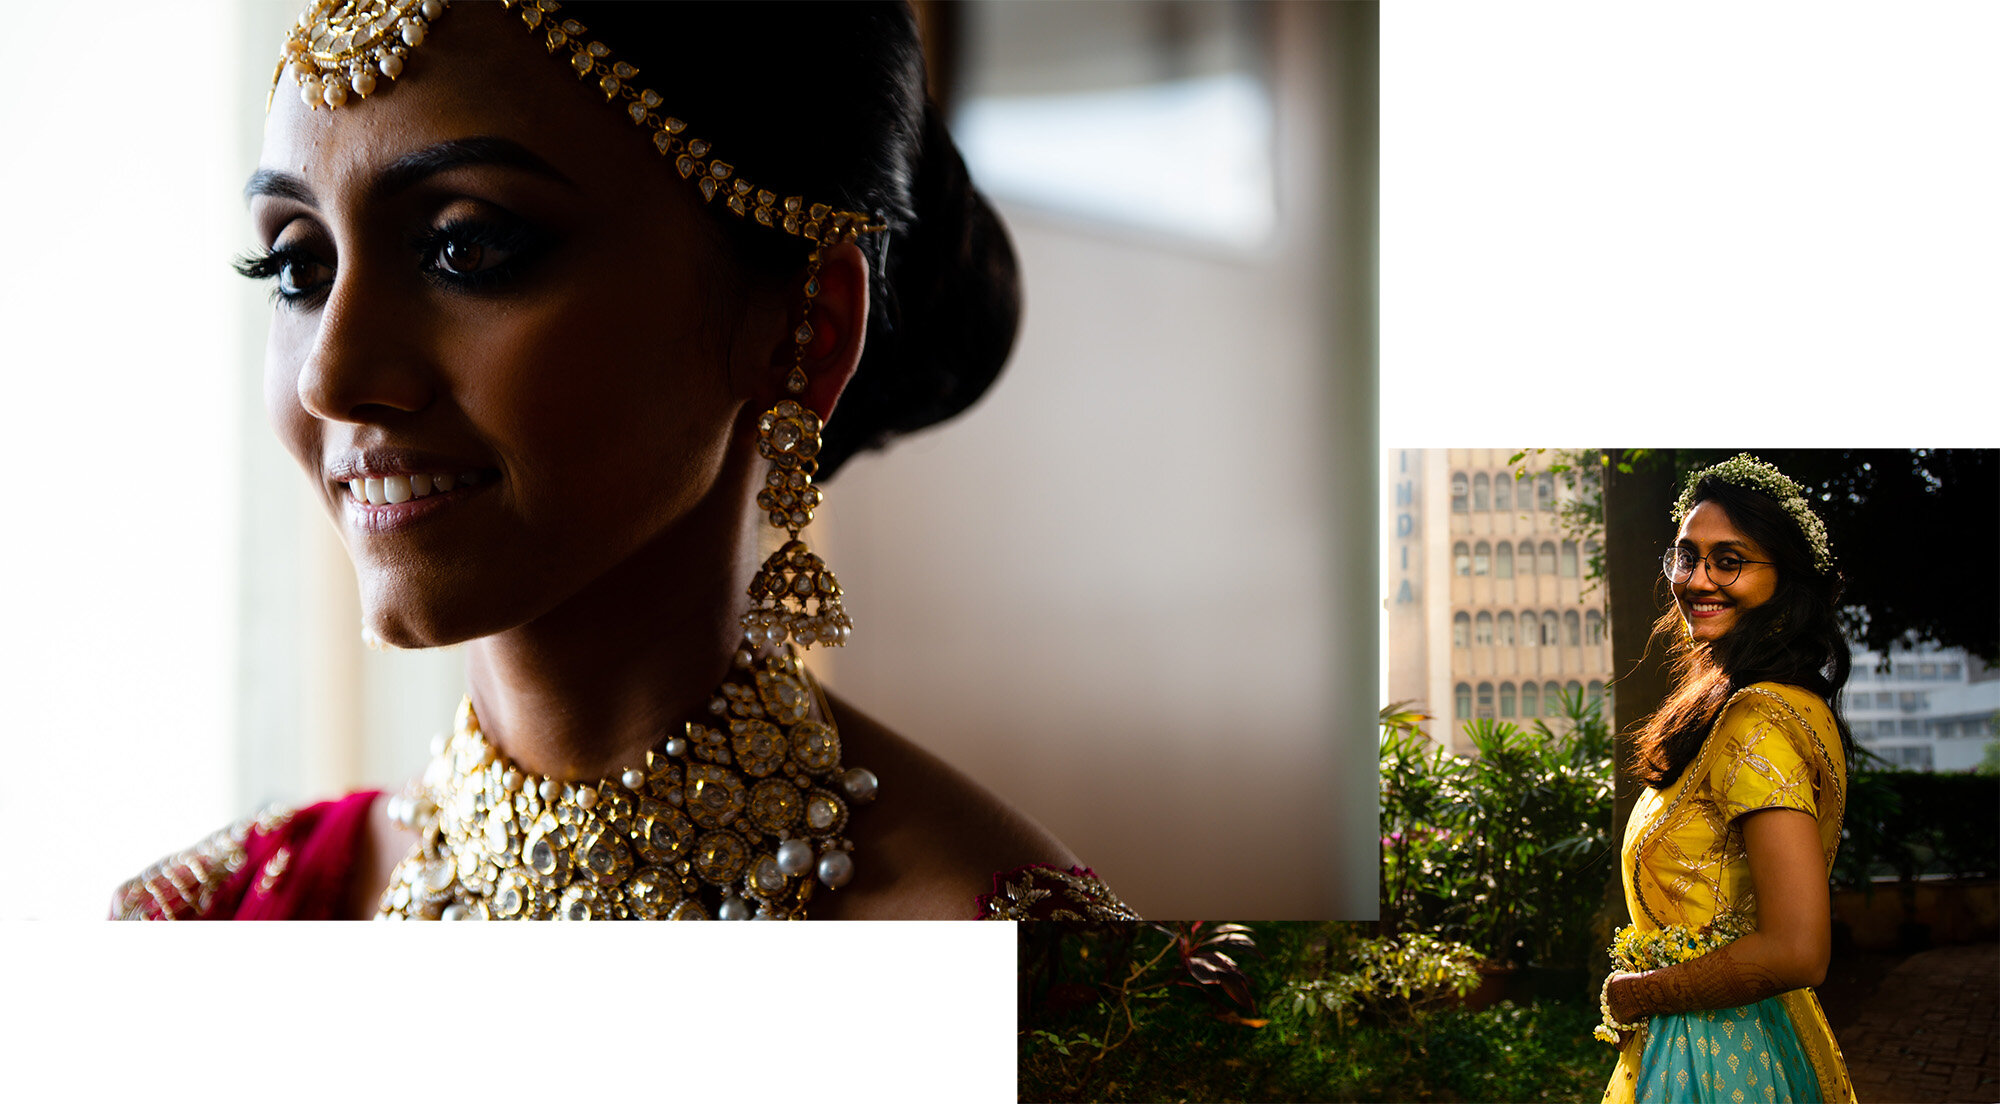 mariage-inde-mumbai-wygledacz-photographe-007.jpg